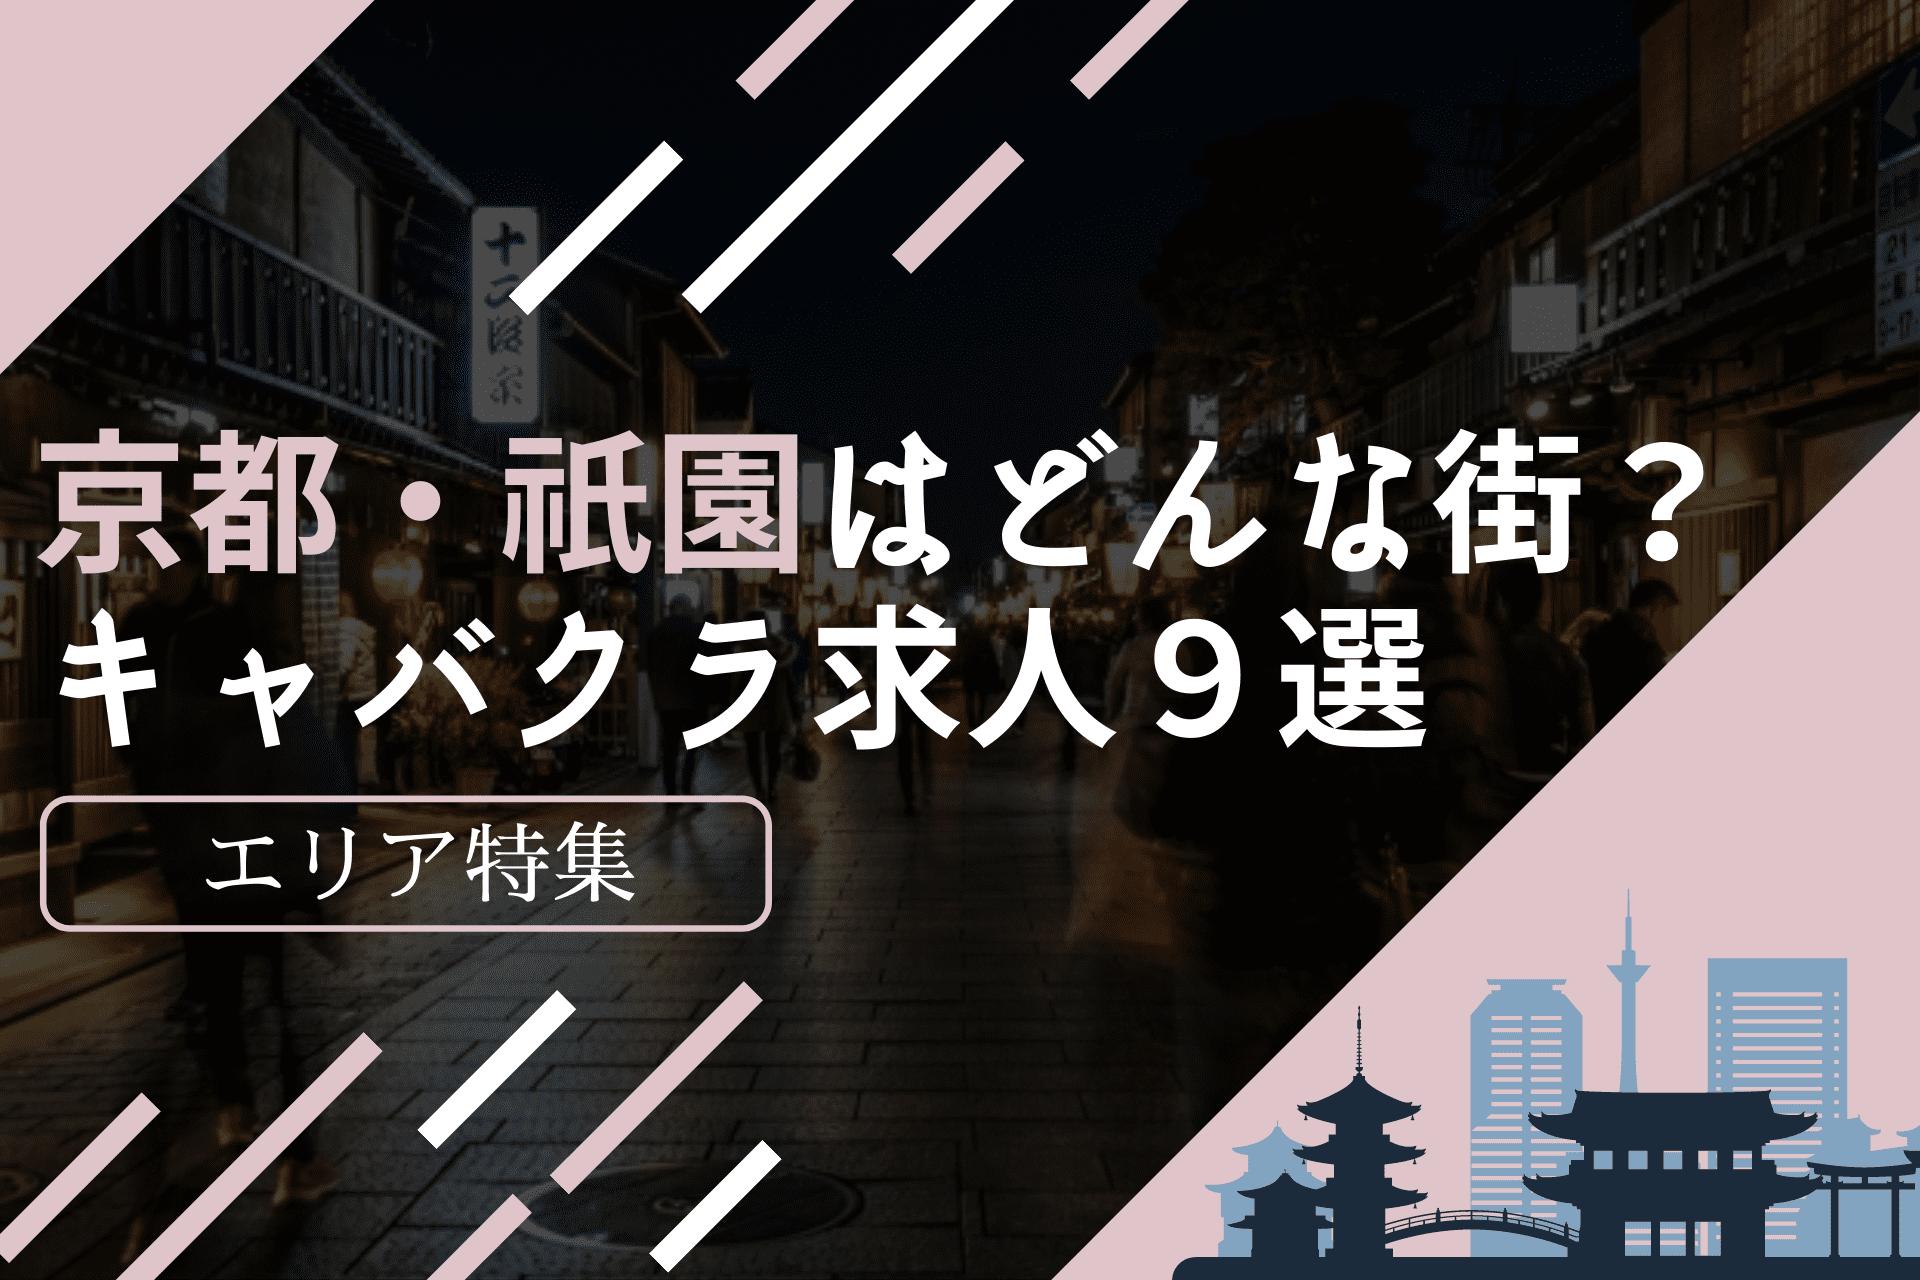 【エリア特集】京都・祇園はどんな街?おすすめキャバクラ求人9選